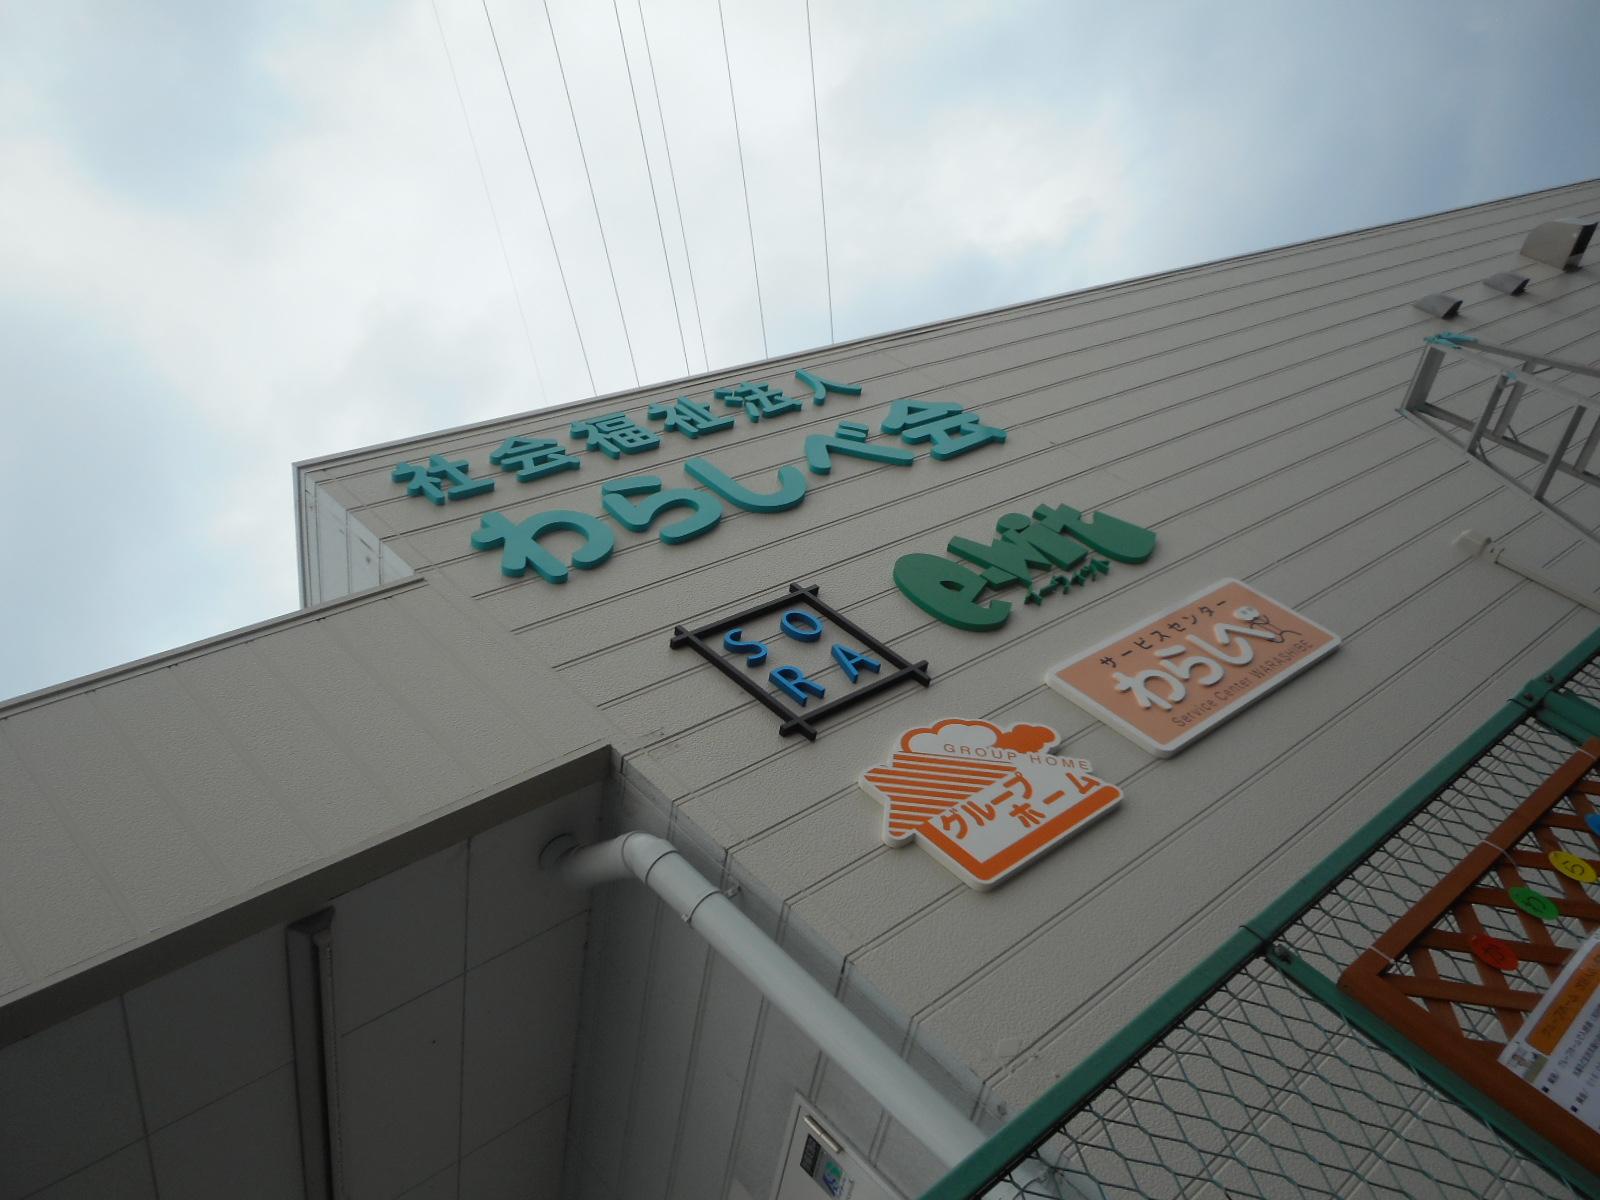 横からの写真。上から社会福祉法人わらしべ会、そら、イーウィット、グループホーム、サービスセンターわらしべのロゴ